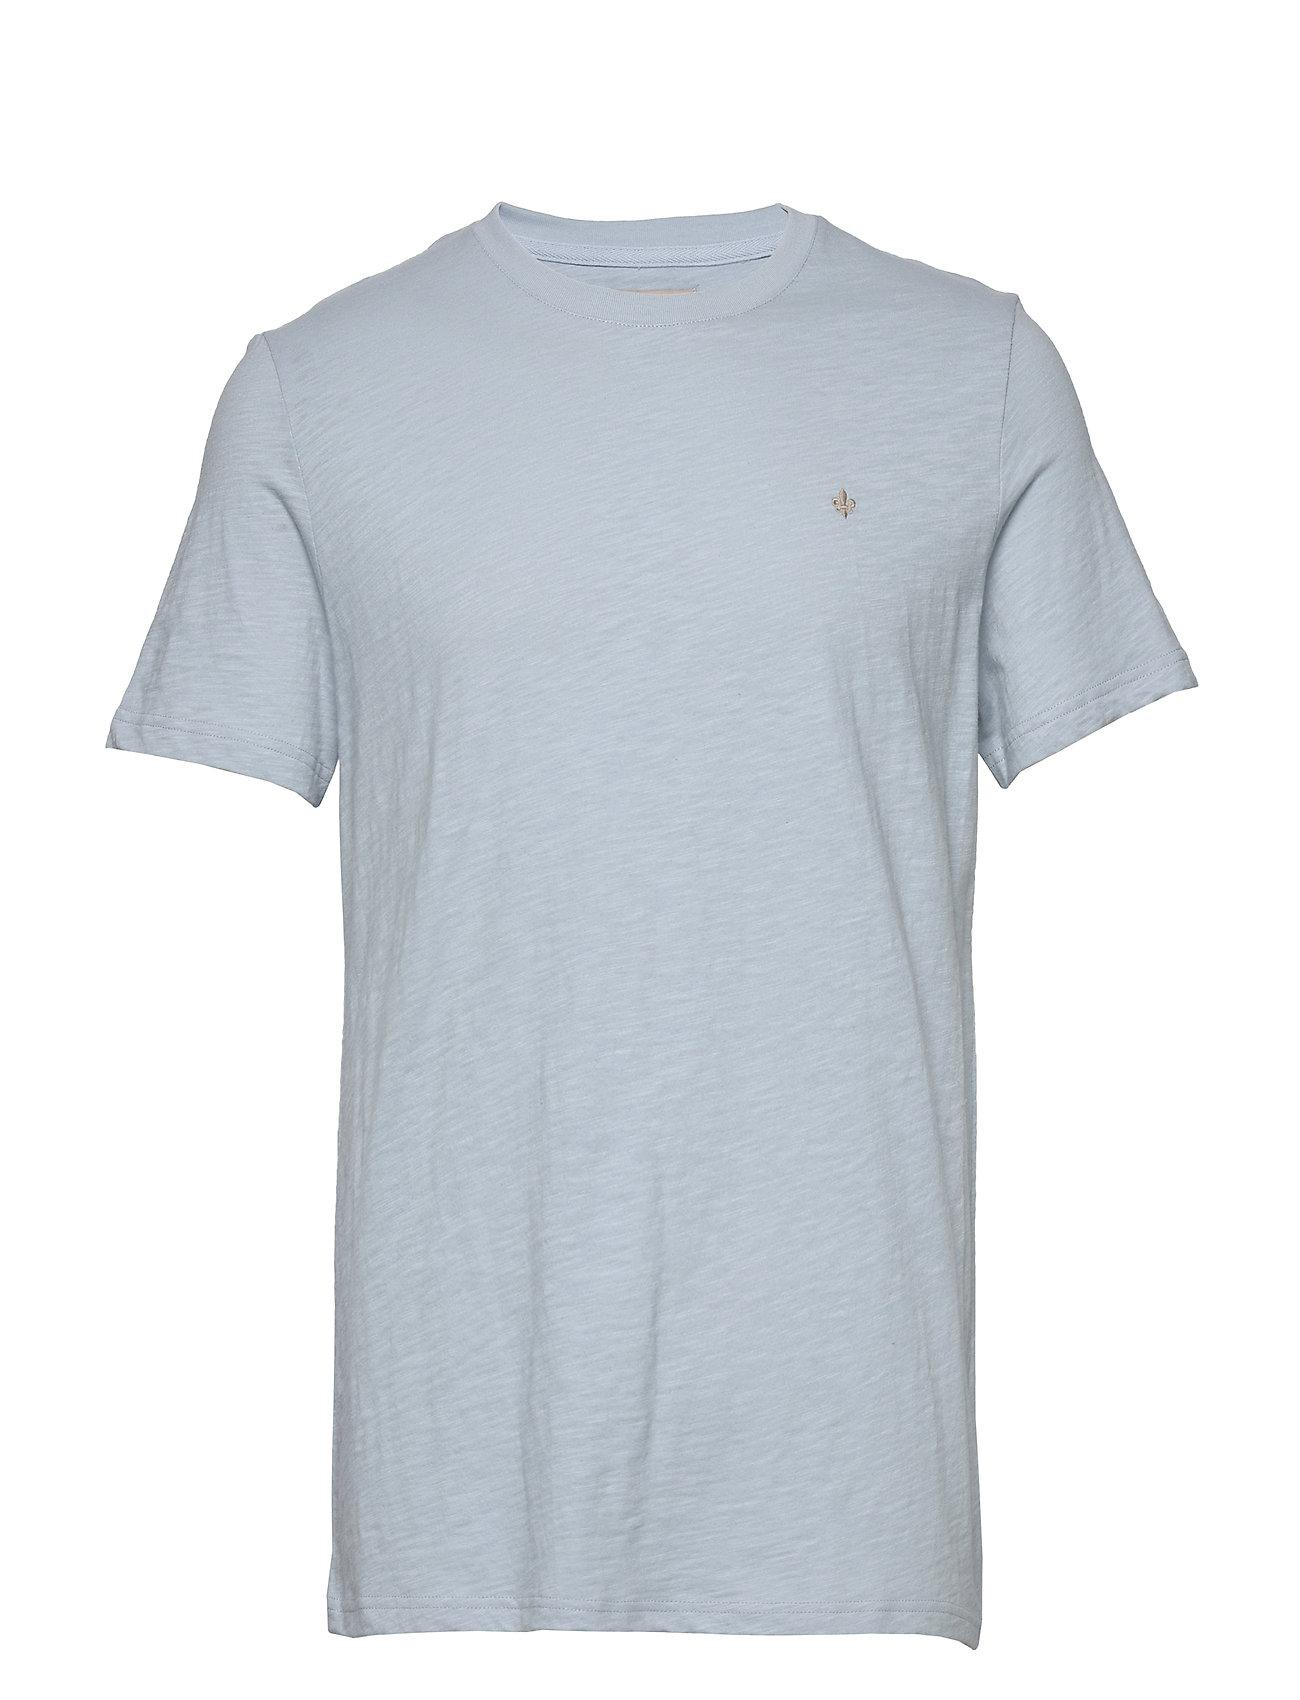 Image of Morris Tee T-shirt Blå Morris (3421208601)